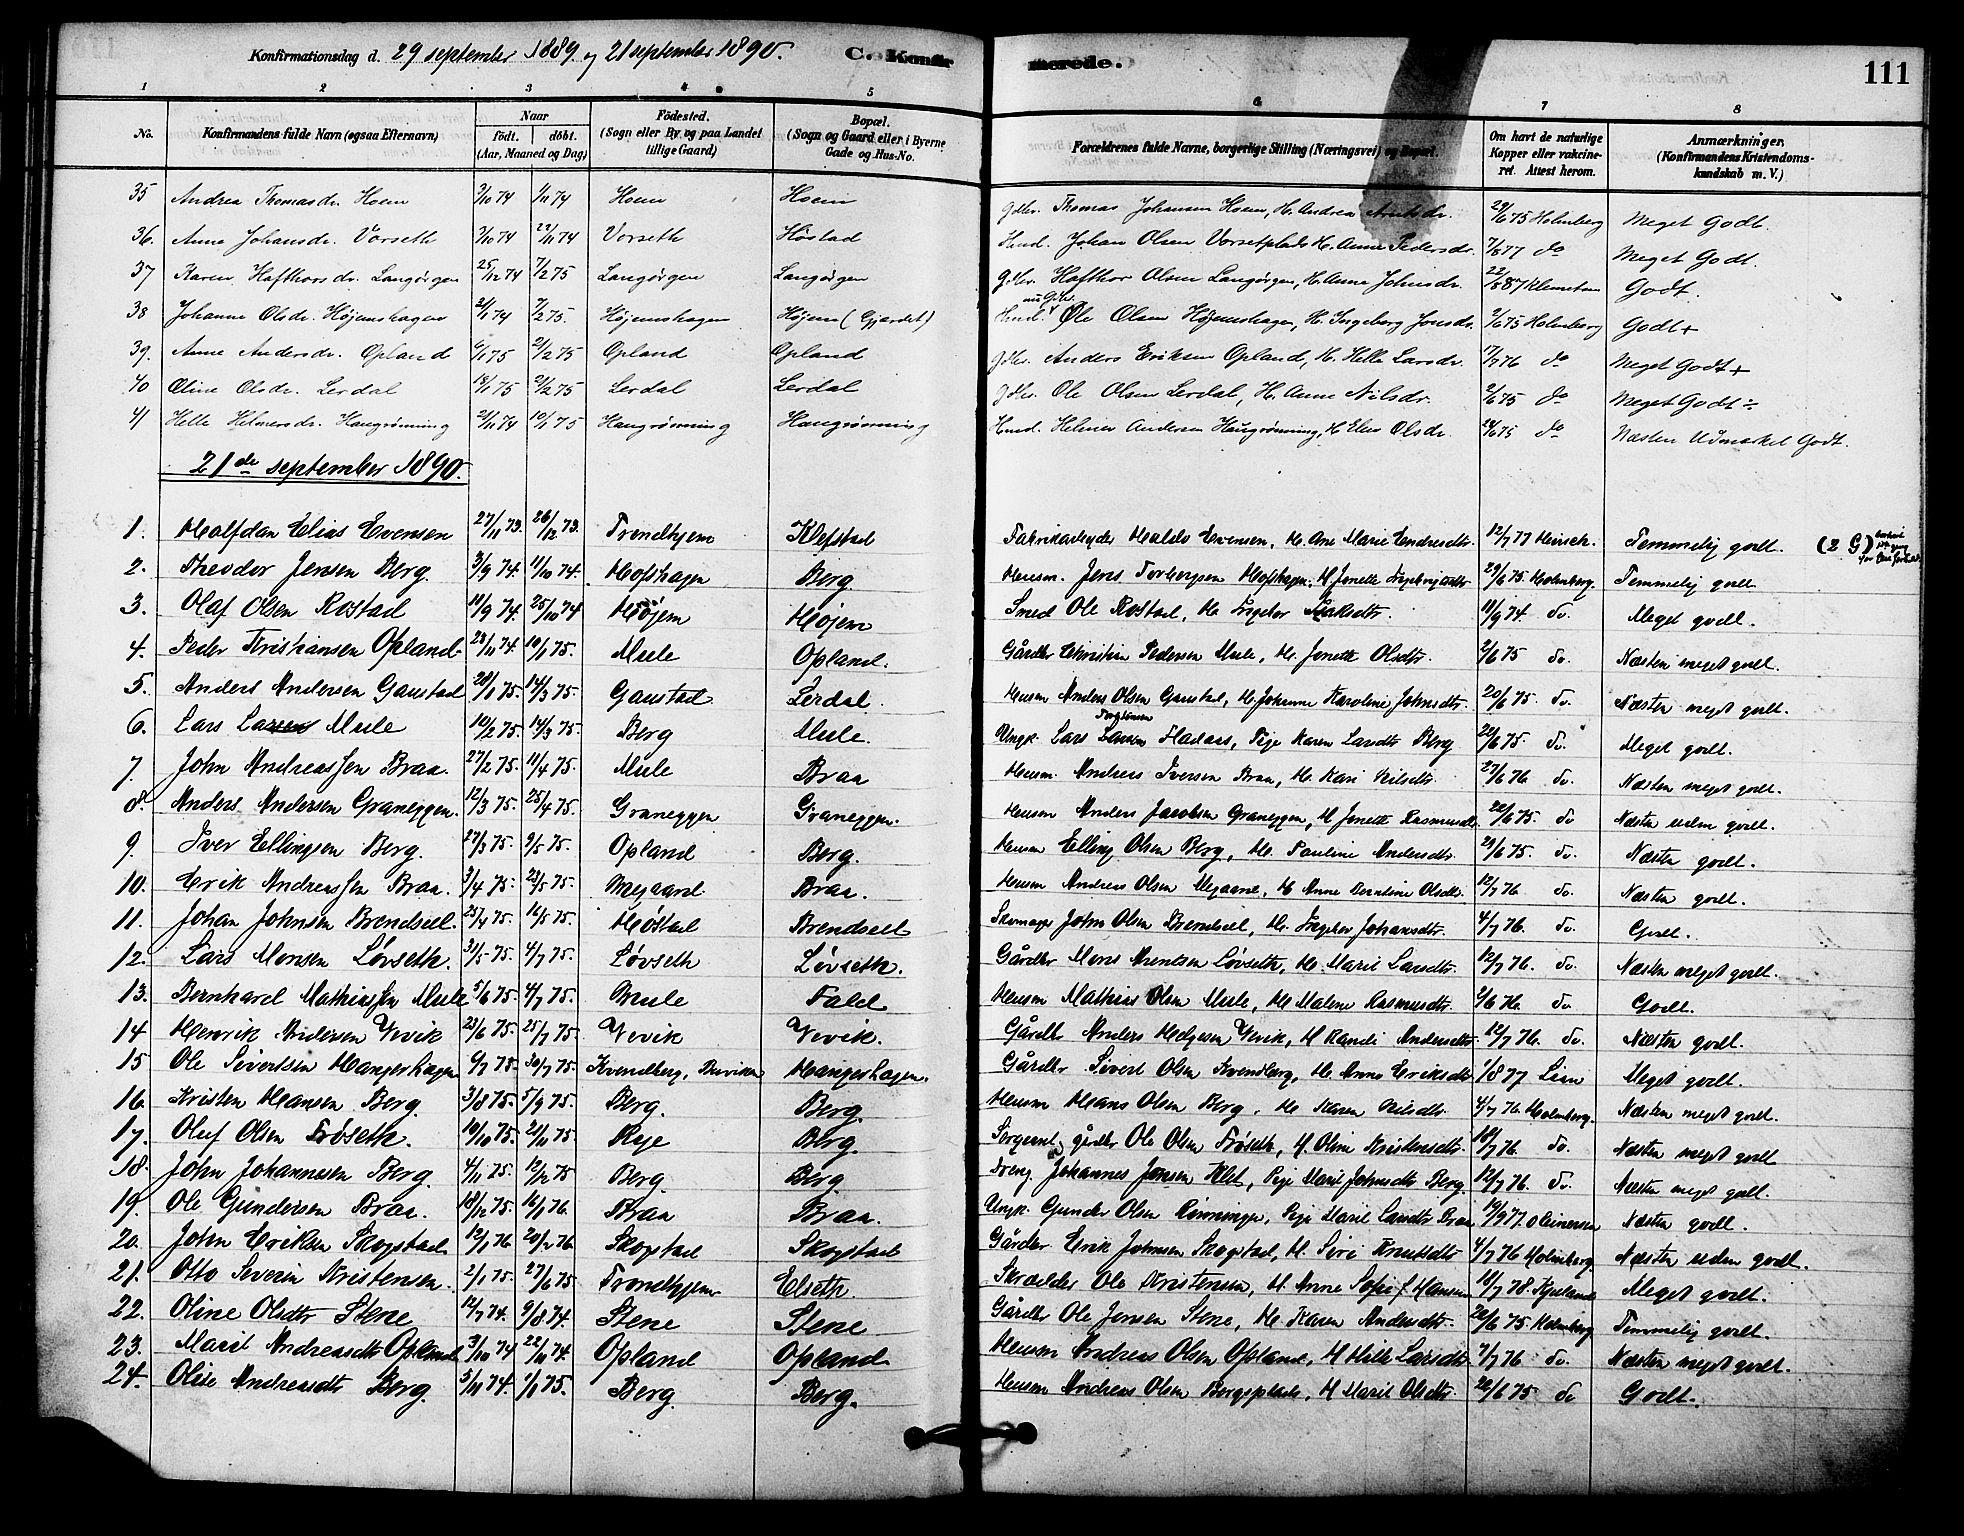 SAT, Ministerialprotokoller, klokkerbøker og fødselsregistre - Sør-Trøndelag, 612/L0378: Ministerialbok nr. 612A10, 1878-1897, s. 111